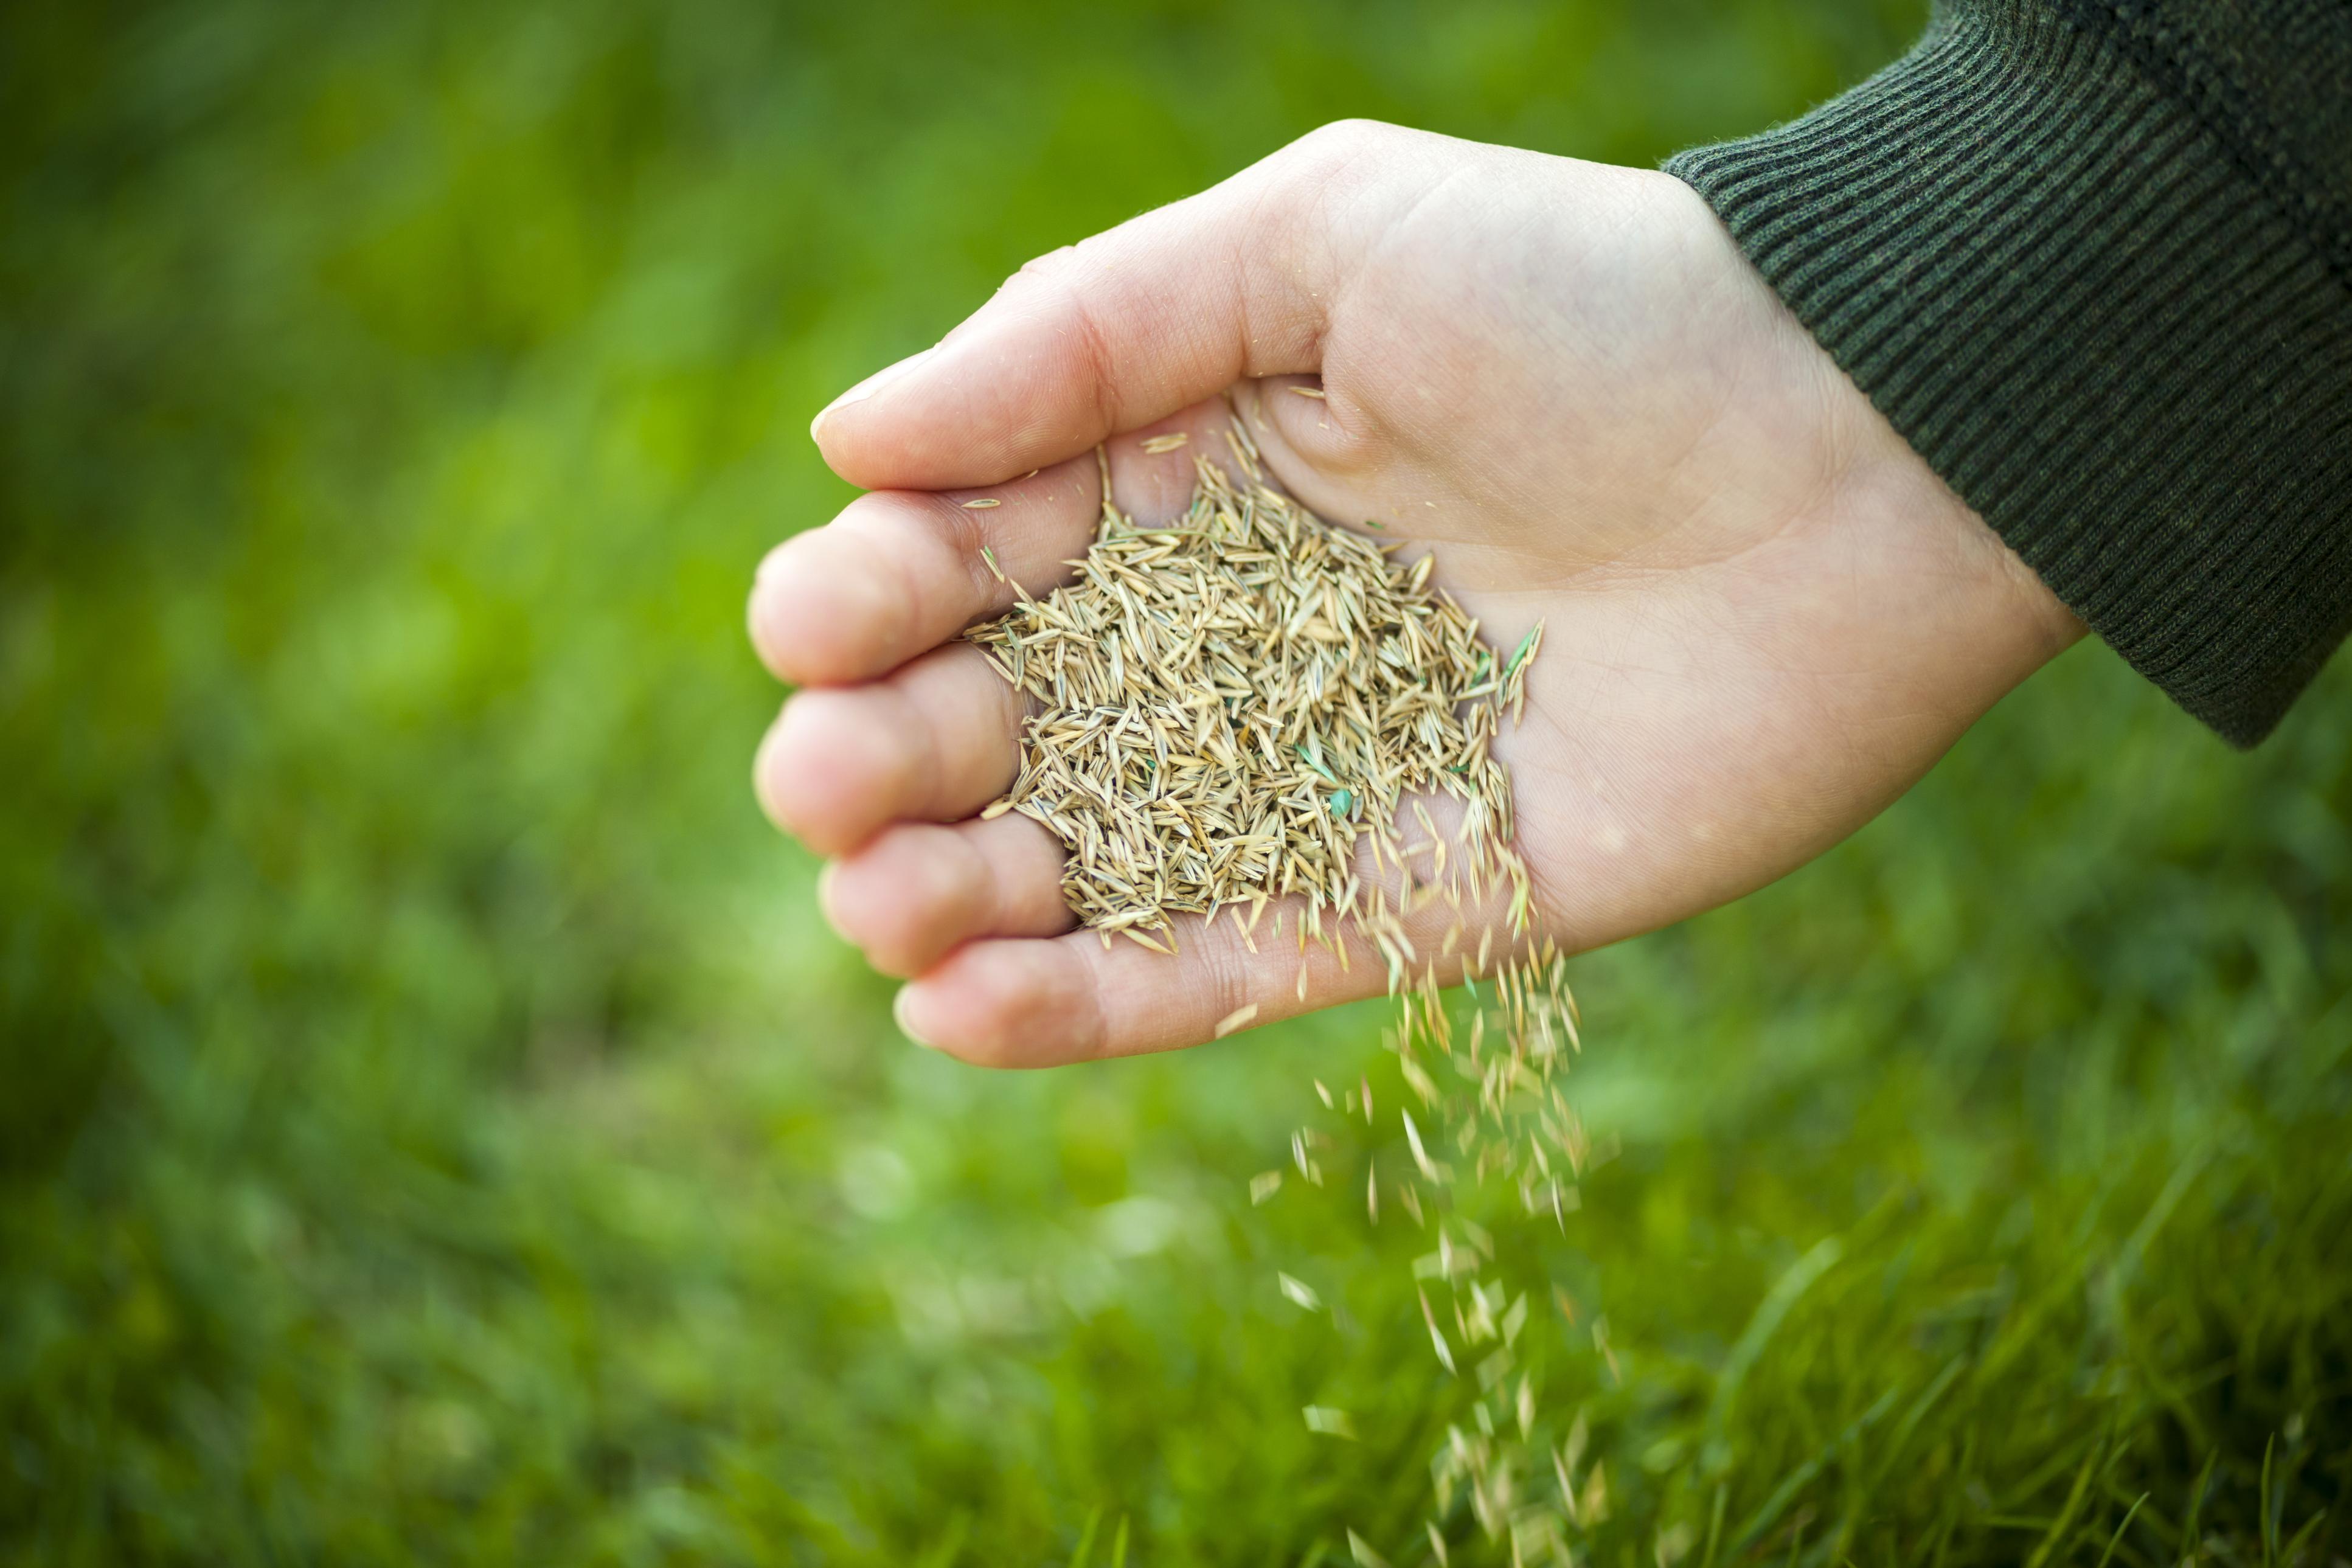 Garden Plot: Lawnapalooza, seeding and grub control